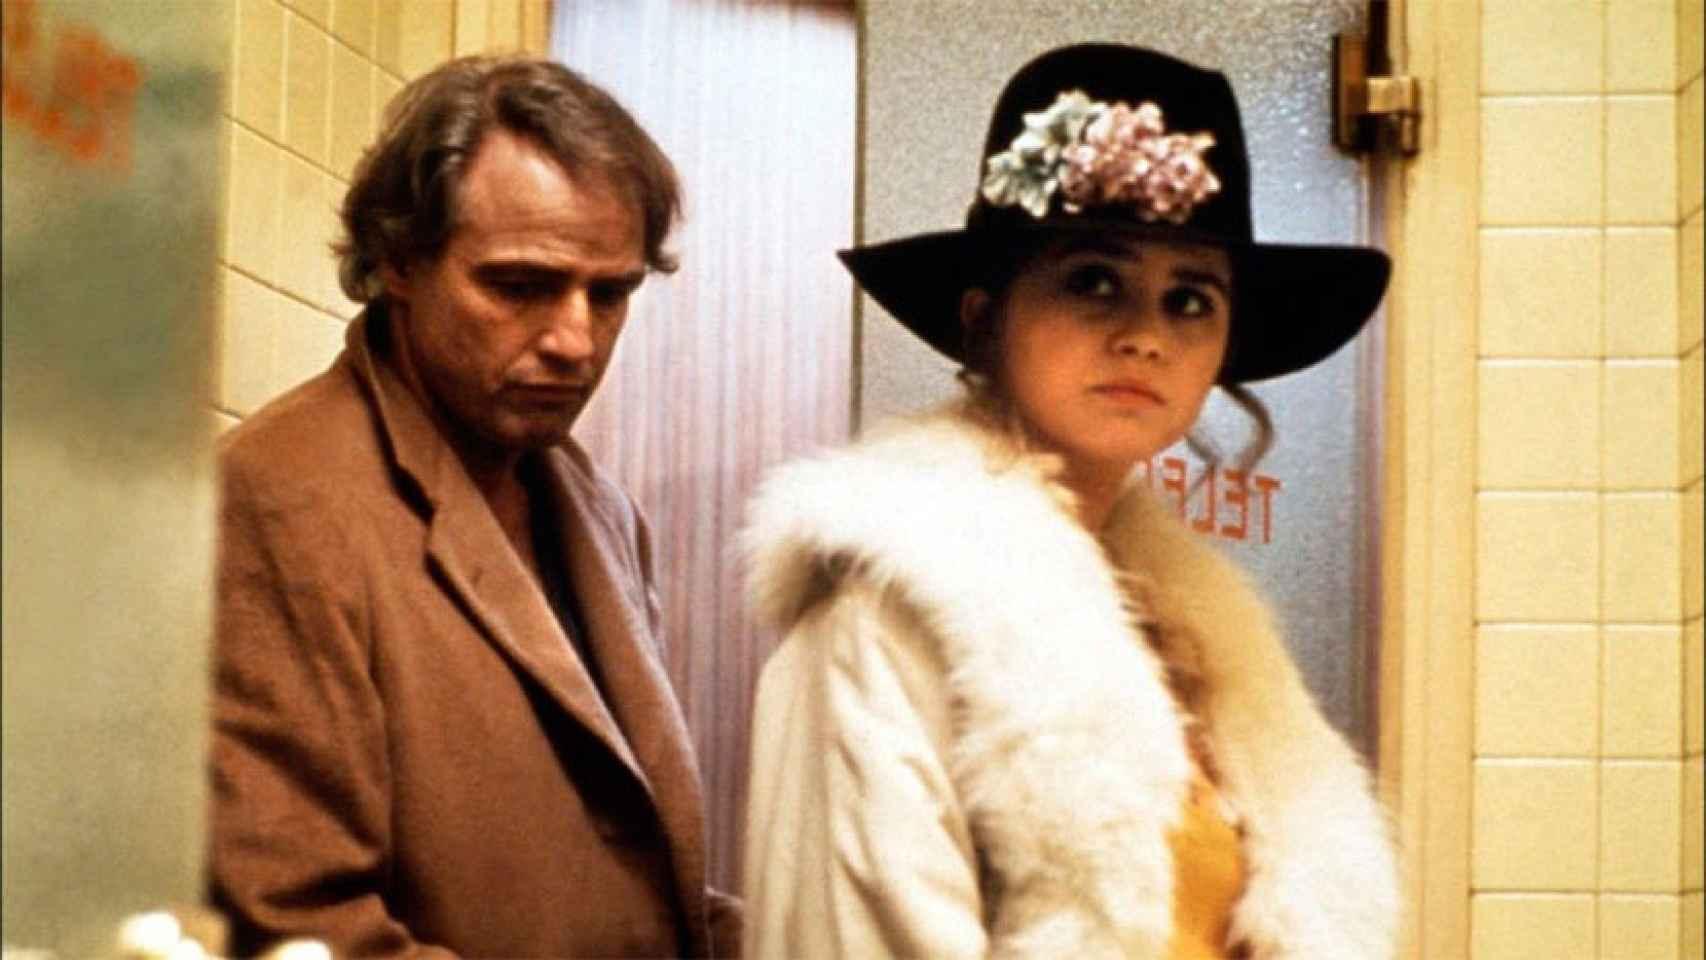 Brando tenía 49 años y Schneider sólo 19 durante el rodaje de la película